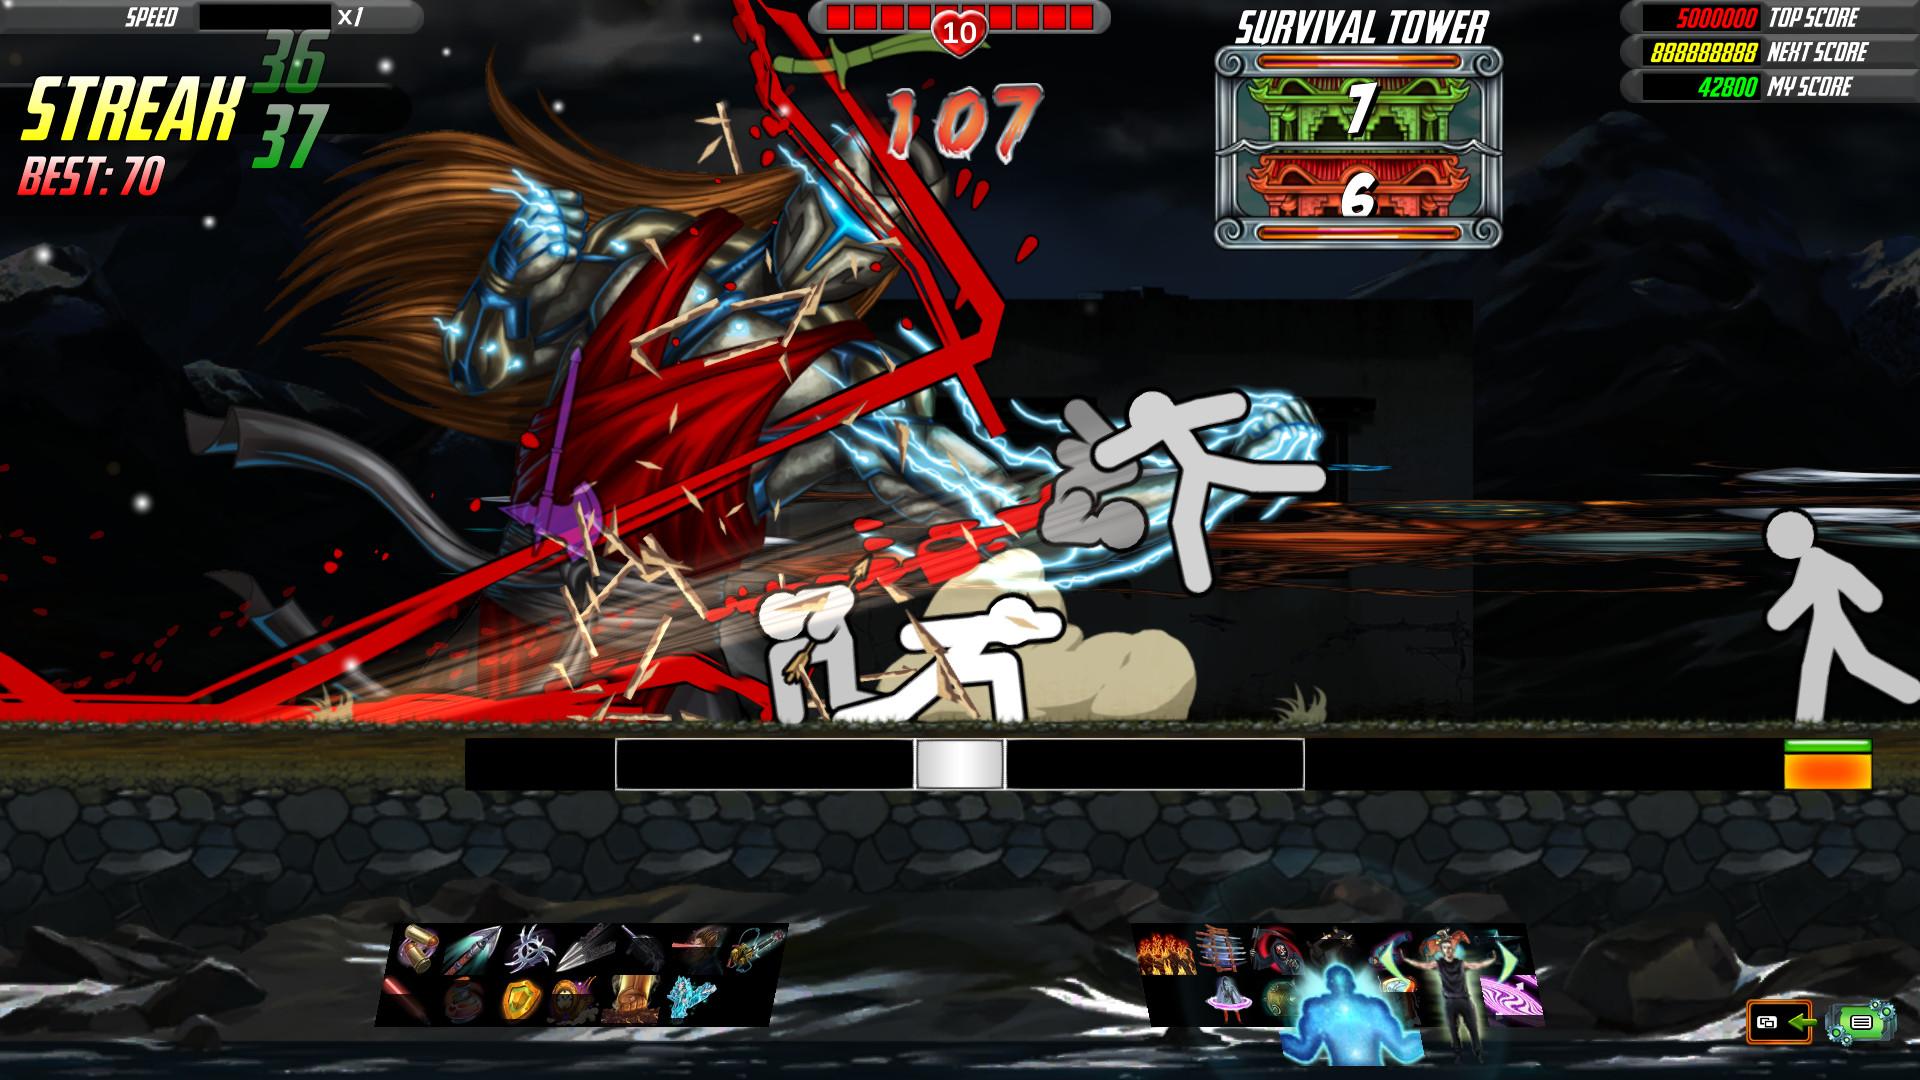 火柴人超杀格斗《一击必杀2》Steam解锁 98%极度好评